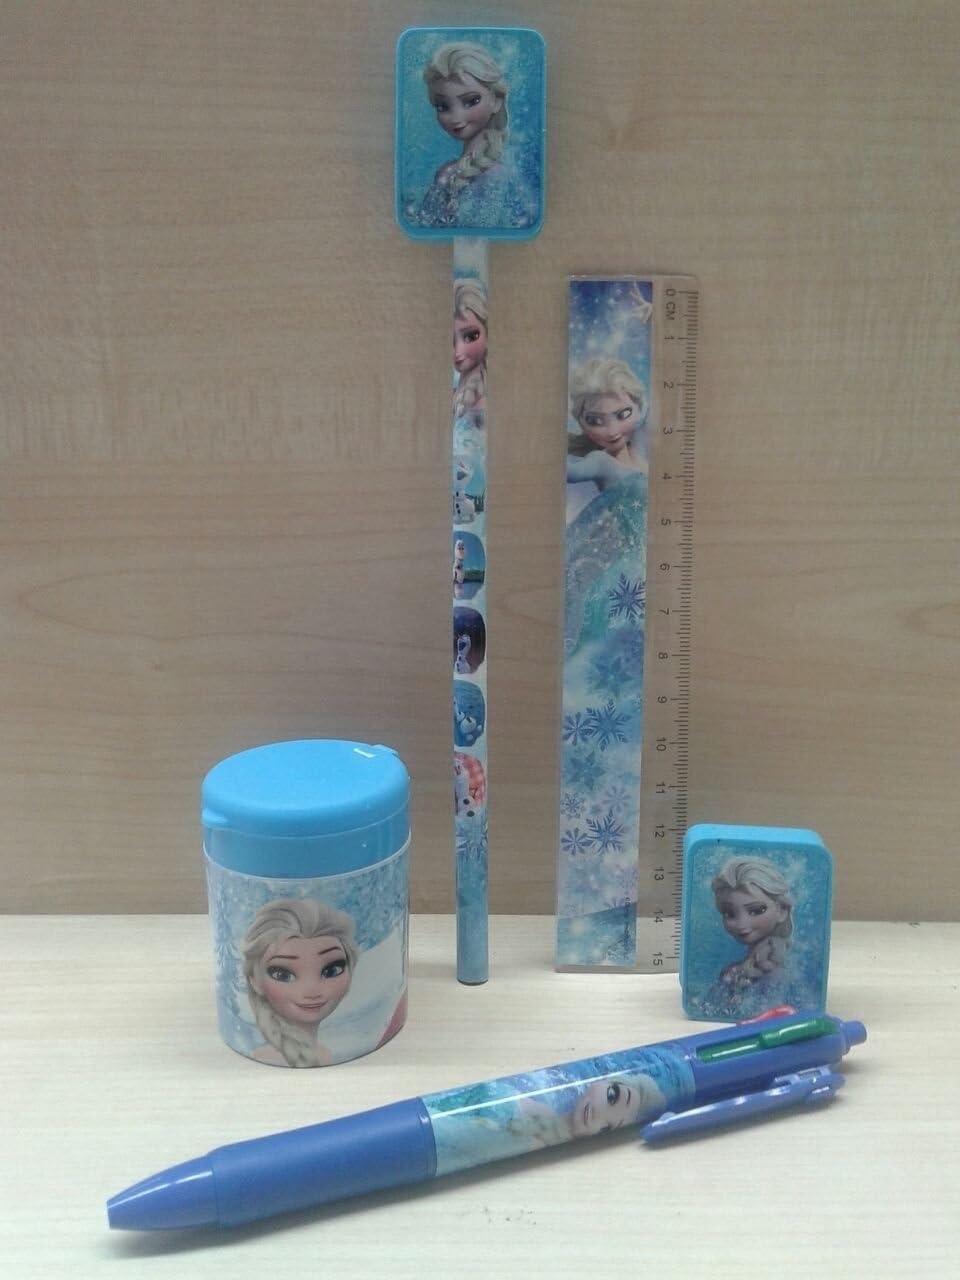 Juego escuela Frozen lápiz + Sacapuntas caja + lápices + regla + goma borrar: Amazon.es: Oficina y papelería